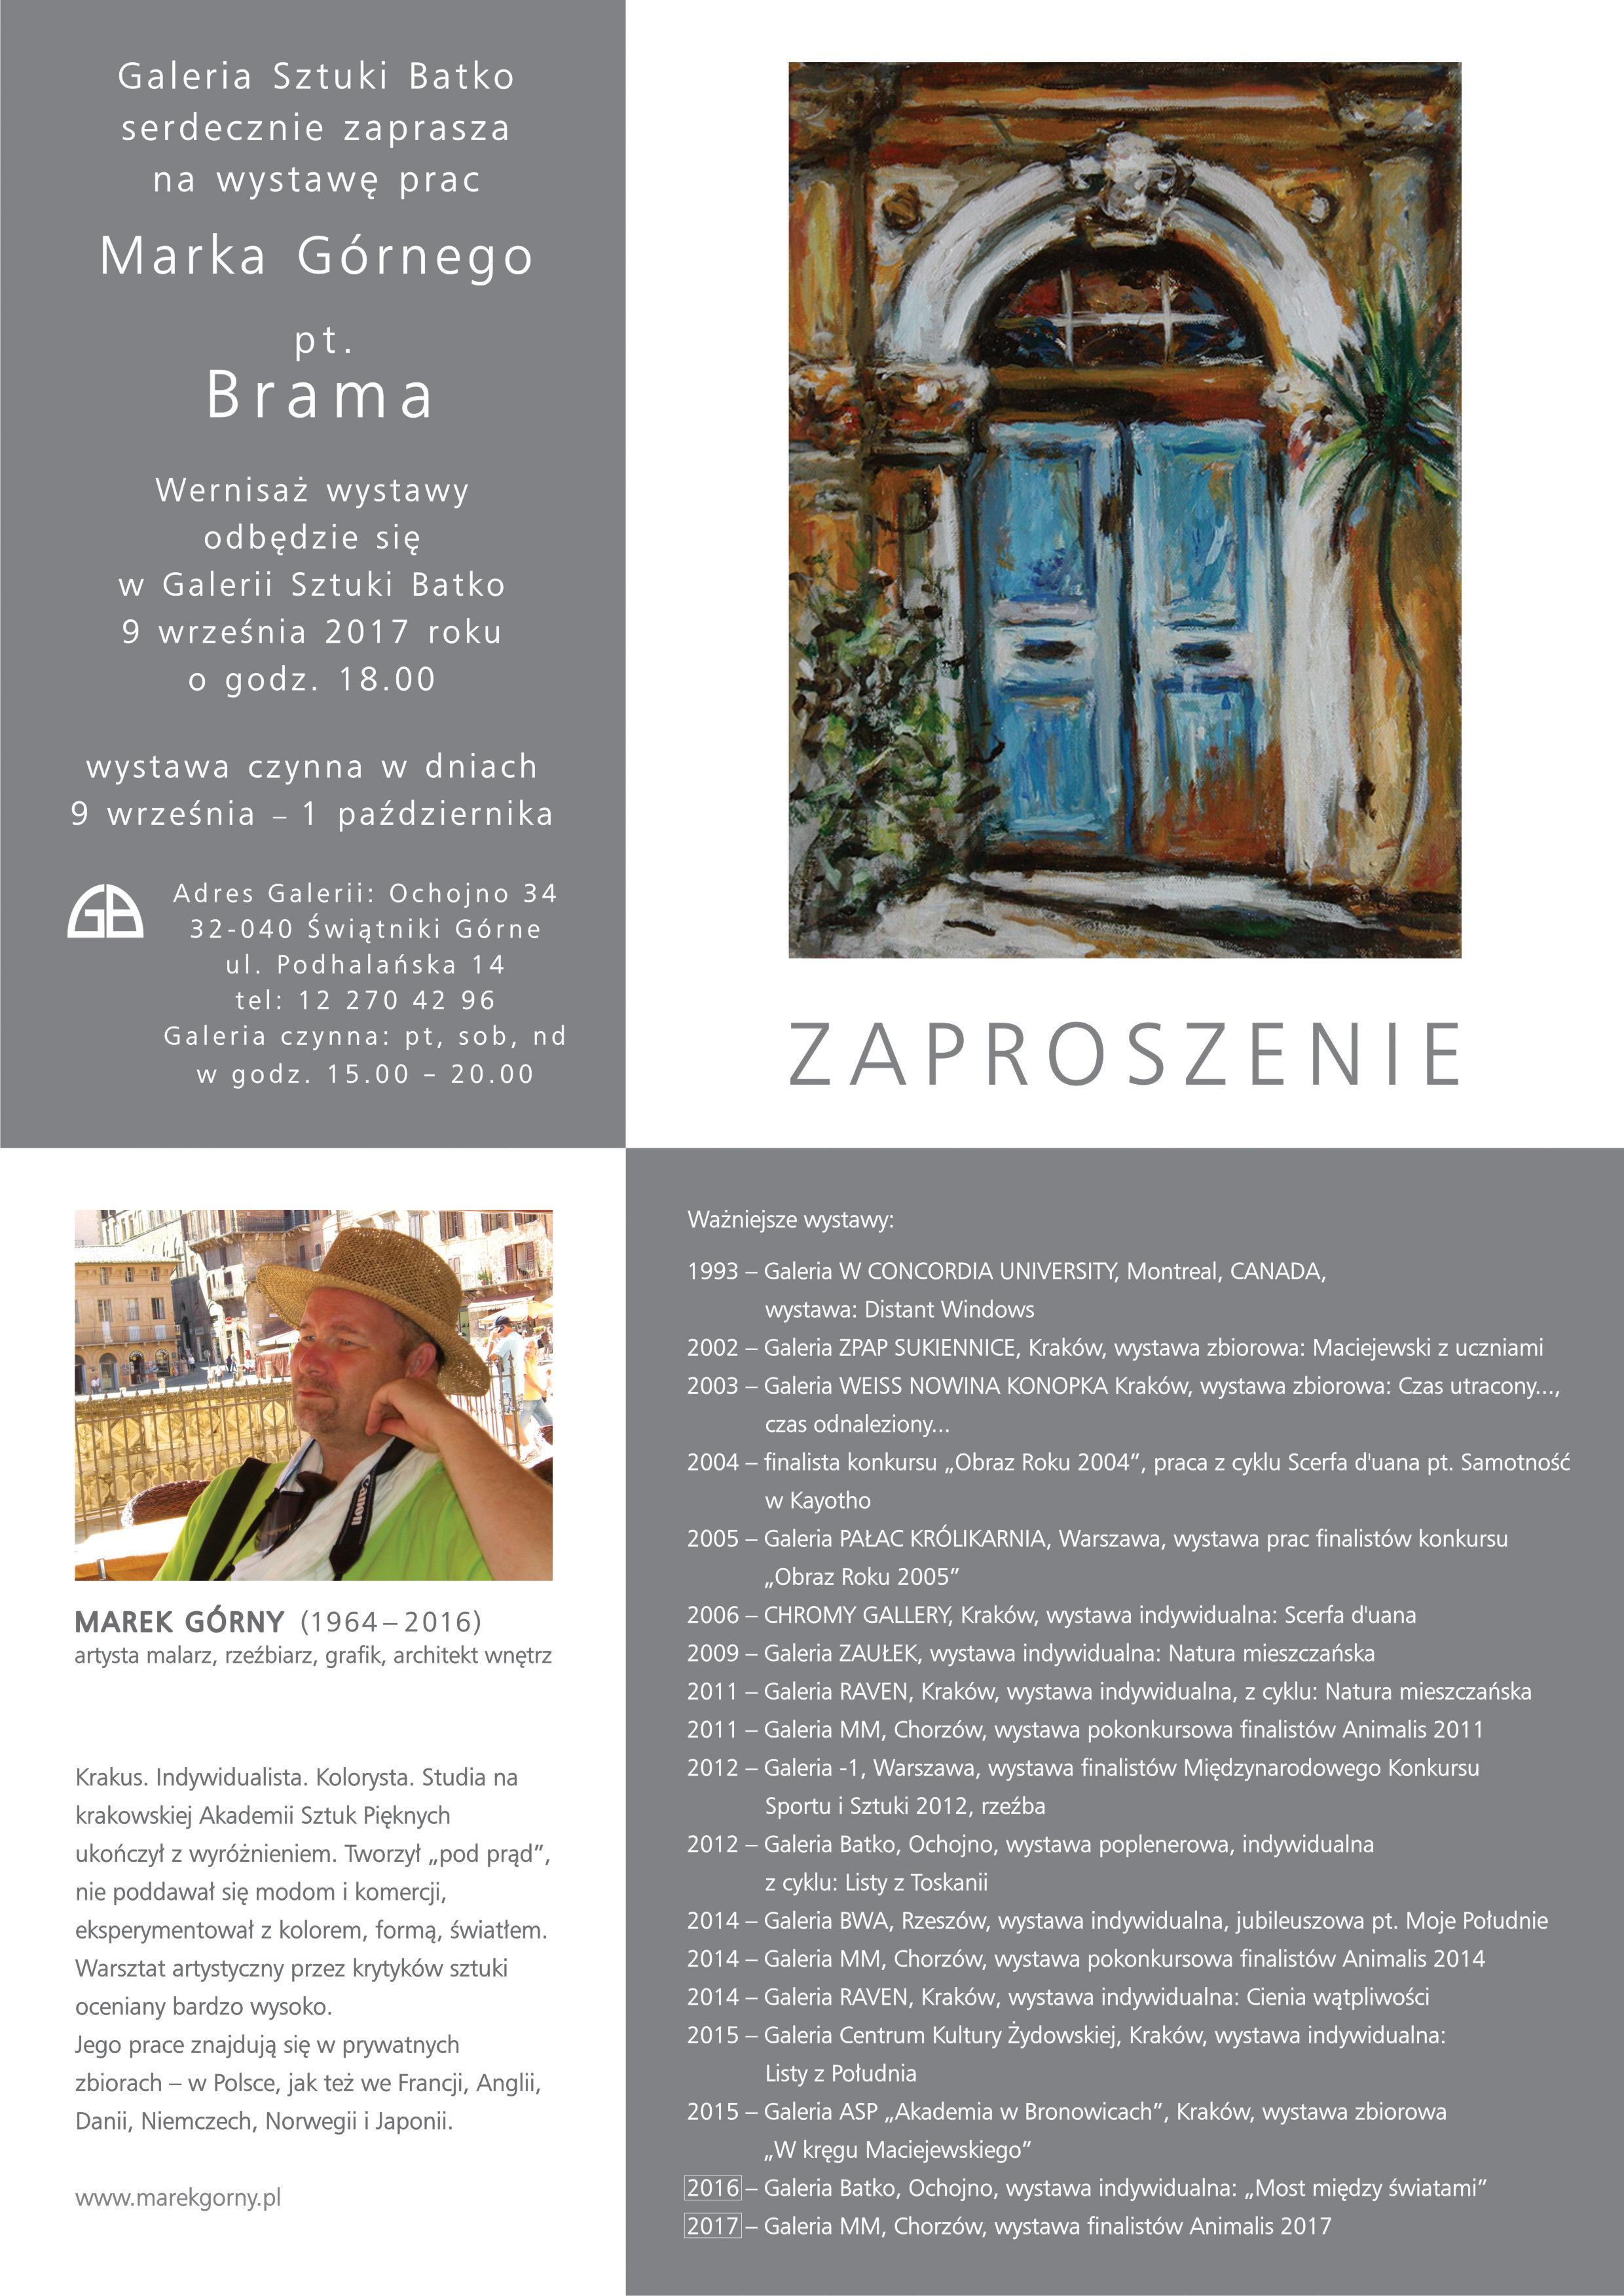 Wystawa Prac Marka Górnego pt. BRAMA (wernisaż) @ Galeria Sztuki Batko | Ochojno | małopolskie | Polska